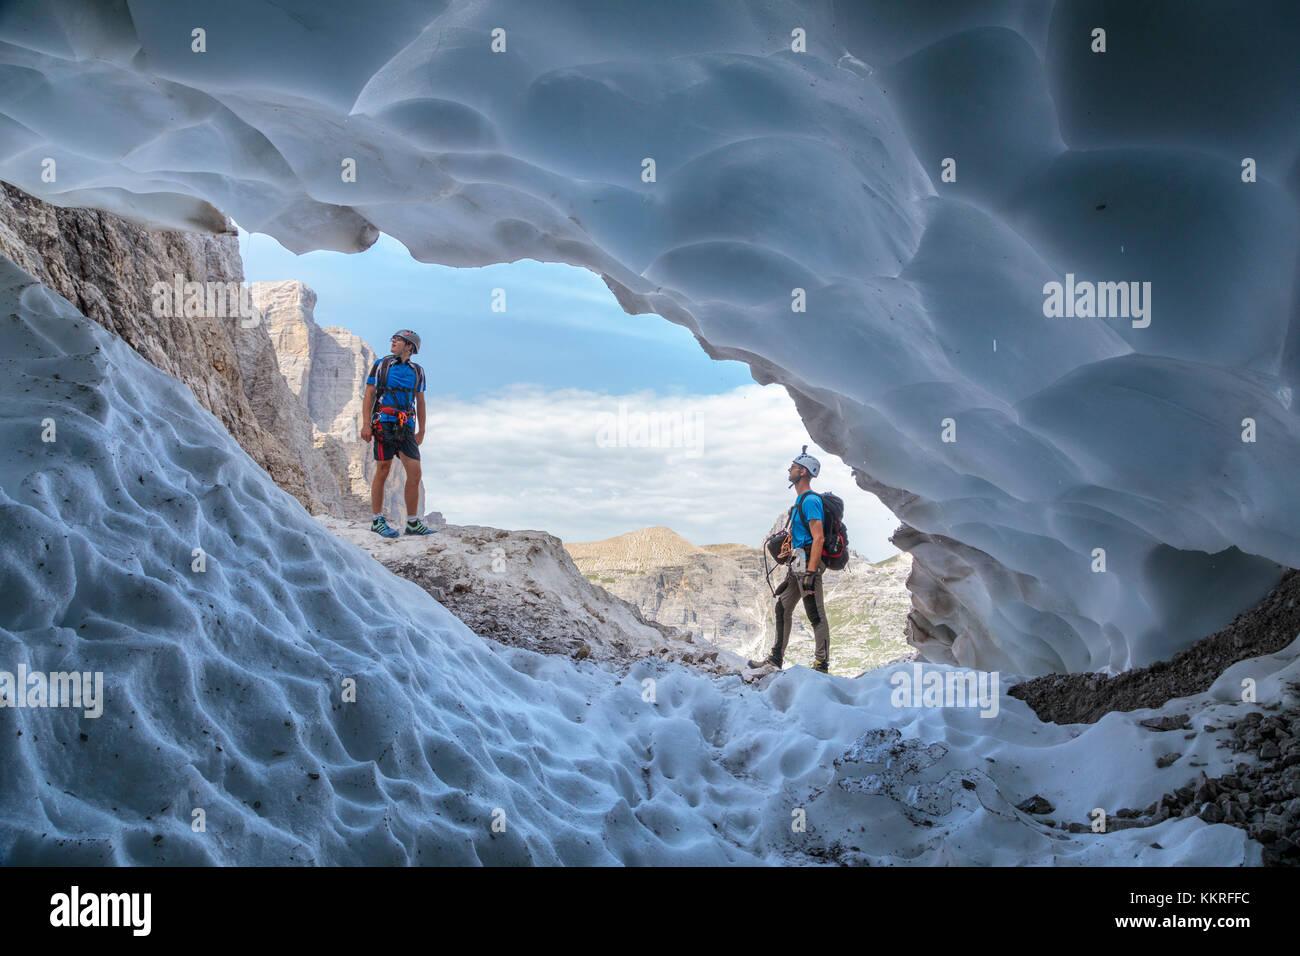 Italia, el Tirol del sur, hochpustertal sexten, cueva de nieve en la temporada de verano a lo largo de la alpinisteig Imagen De Stock